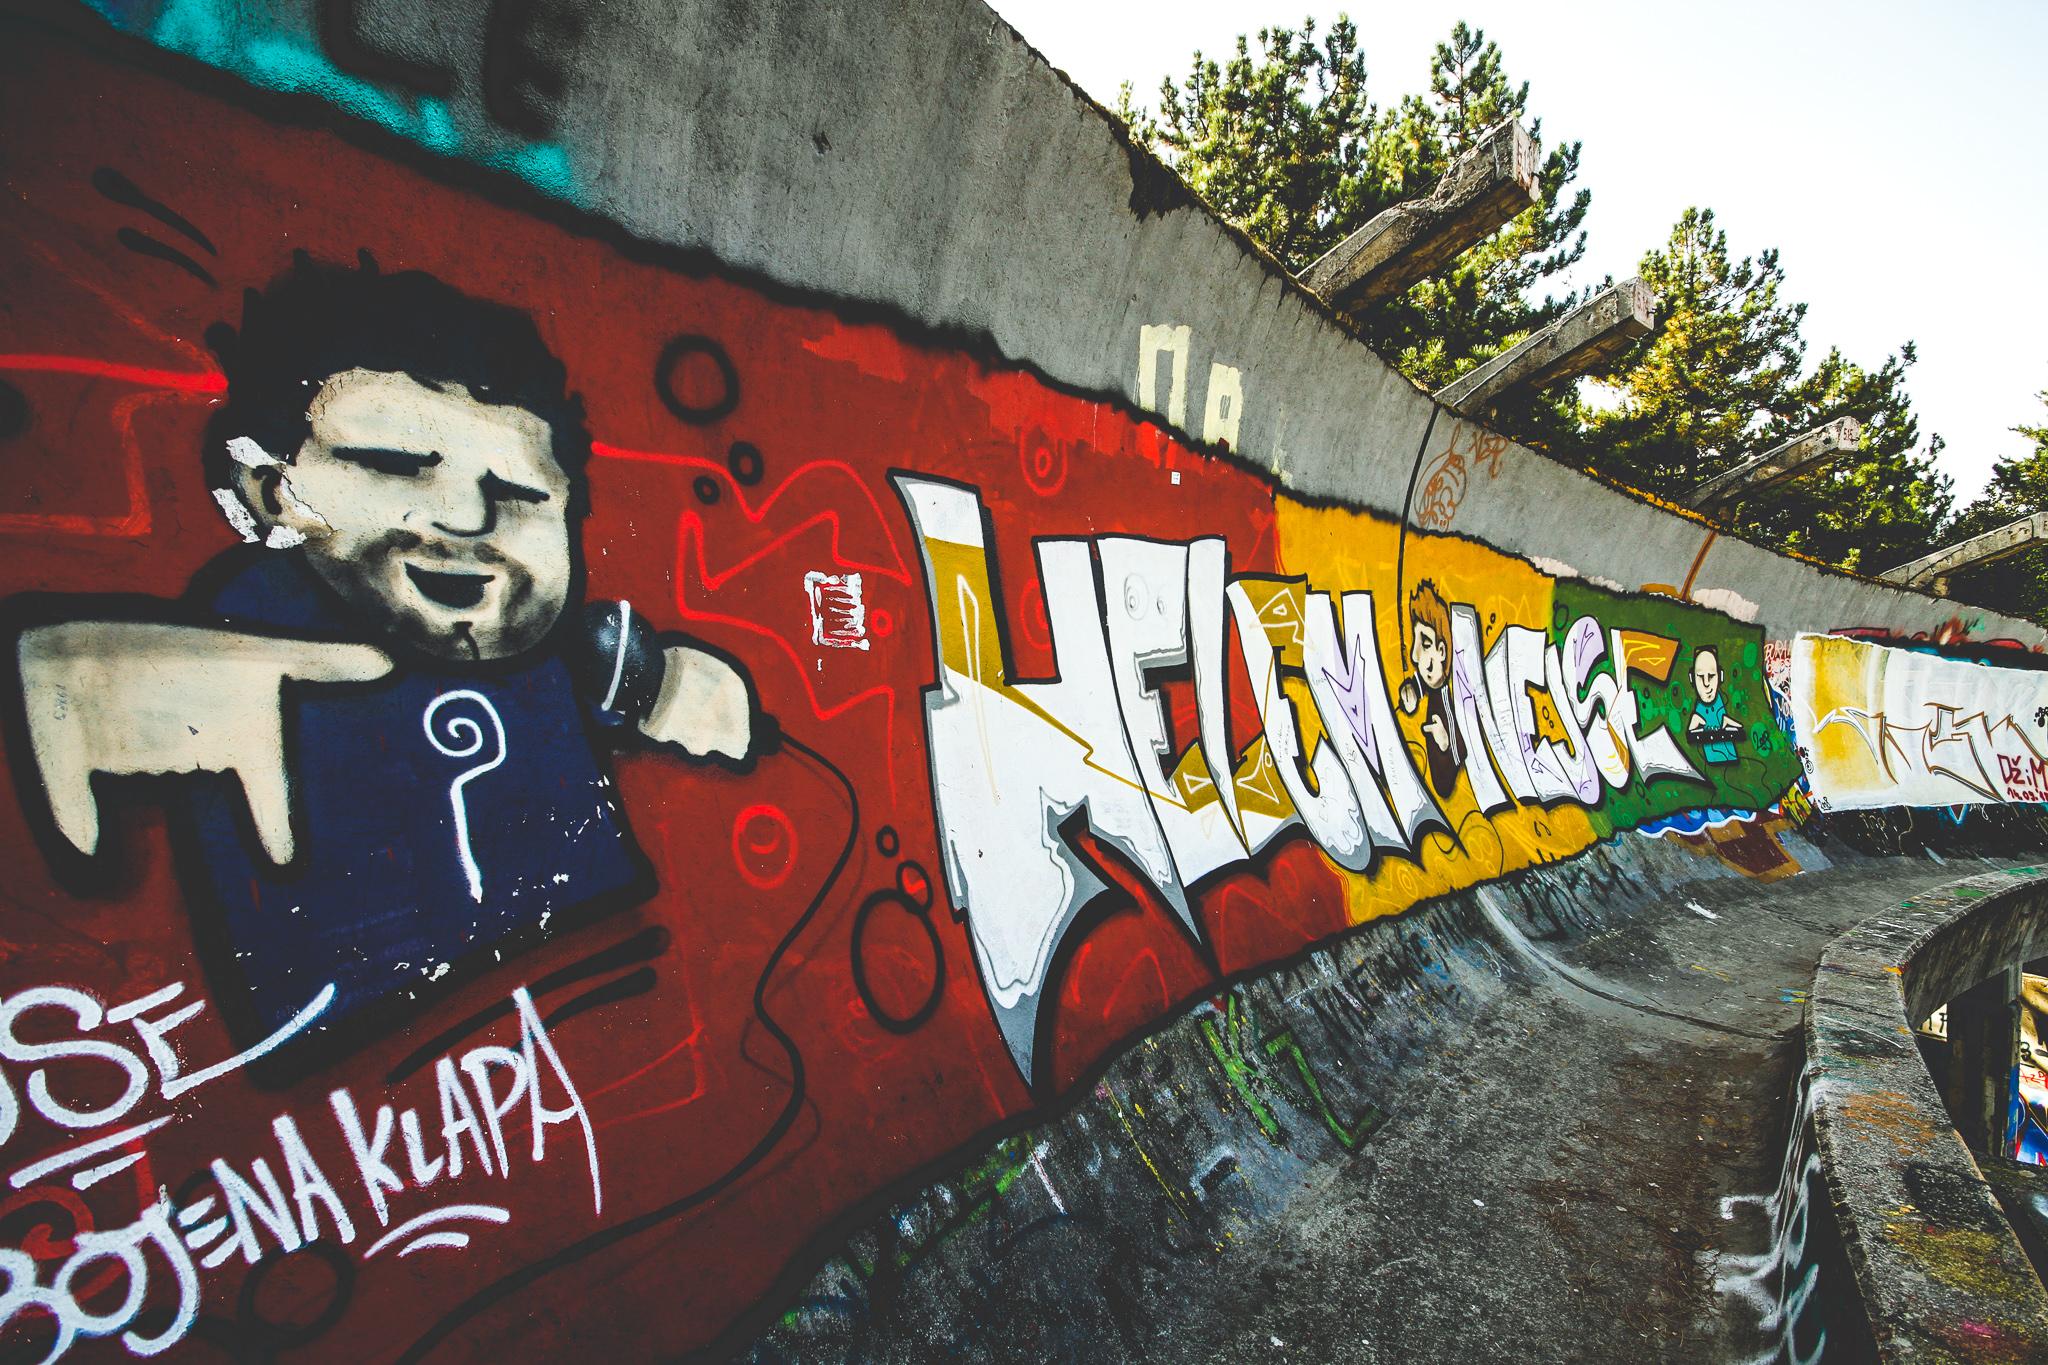 Az 1984-es téli olimpia graffitivel díszített bobpályája, Szarajevó, Bosznia-Hercegovina